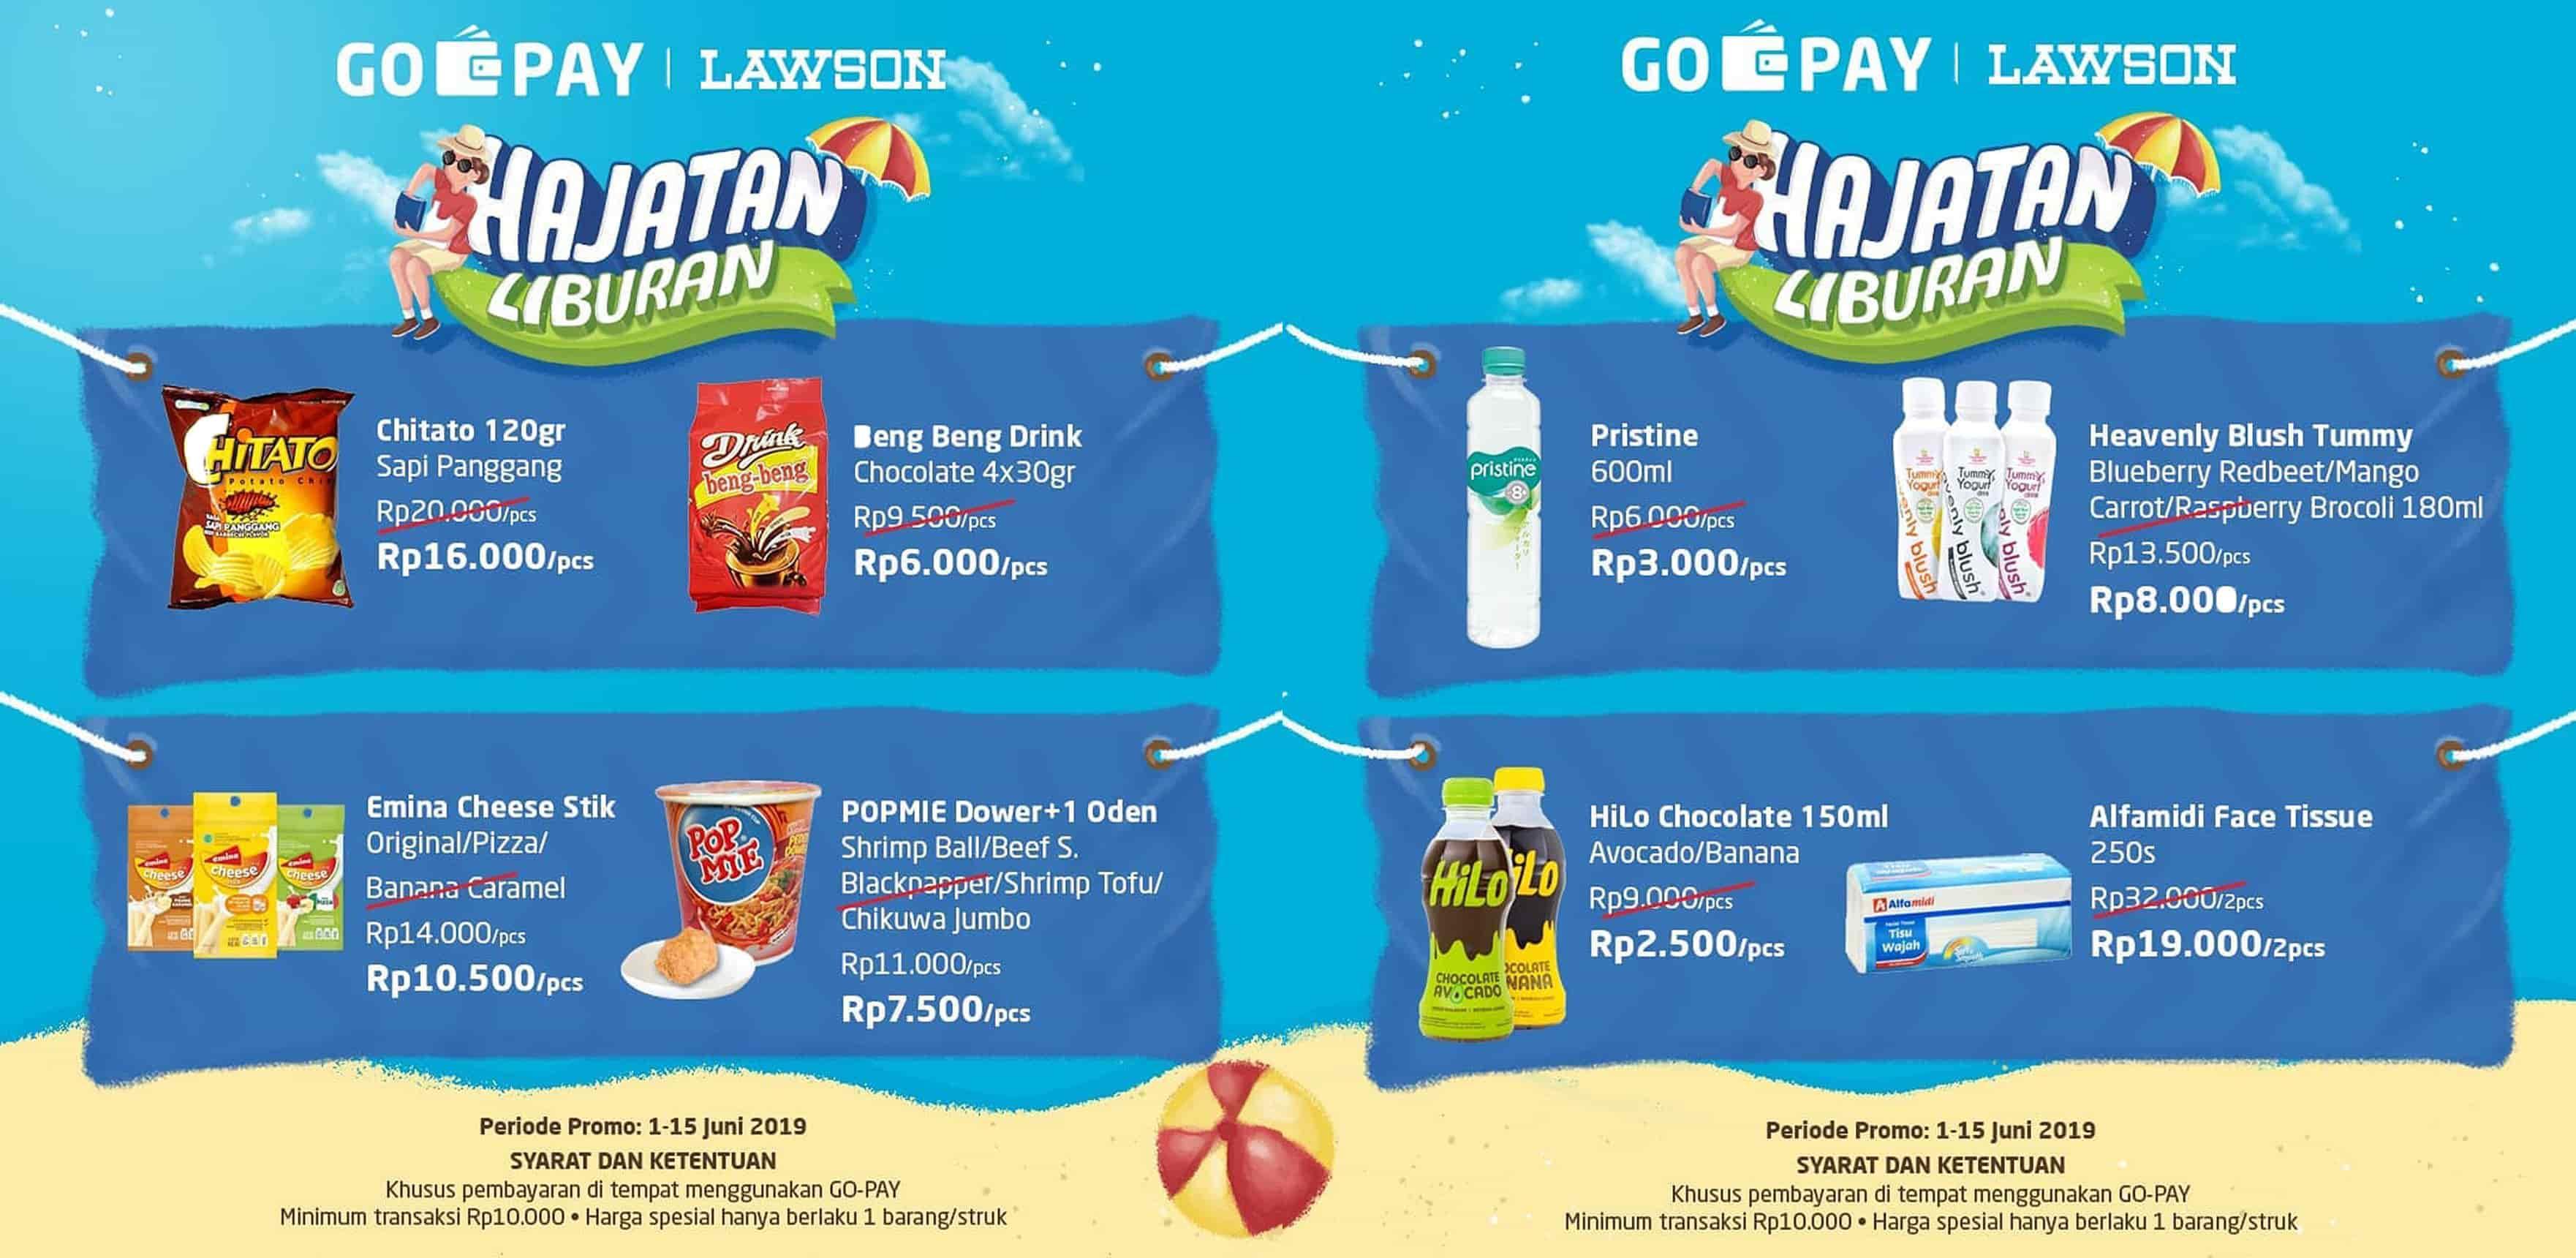 LAWSON Promo HAJATAN LIBURAN Harga Spesial untuk transaksi dengan GOPAY